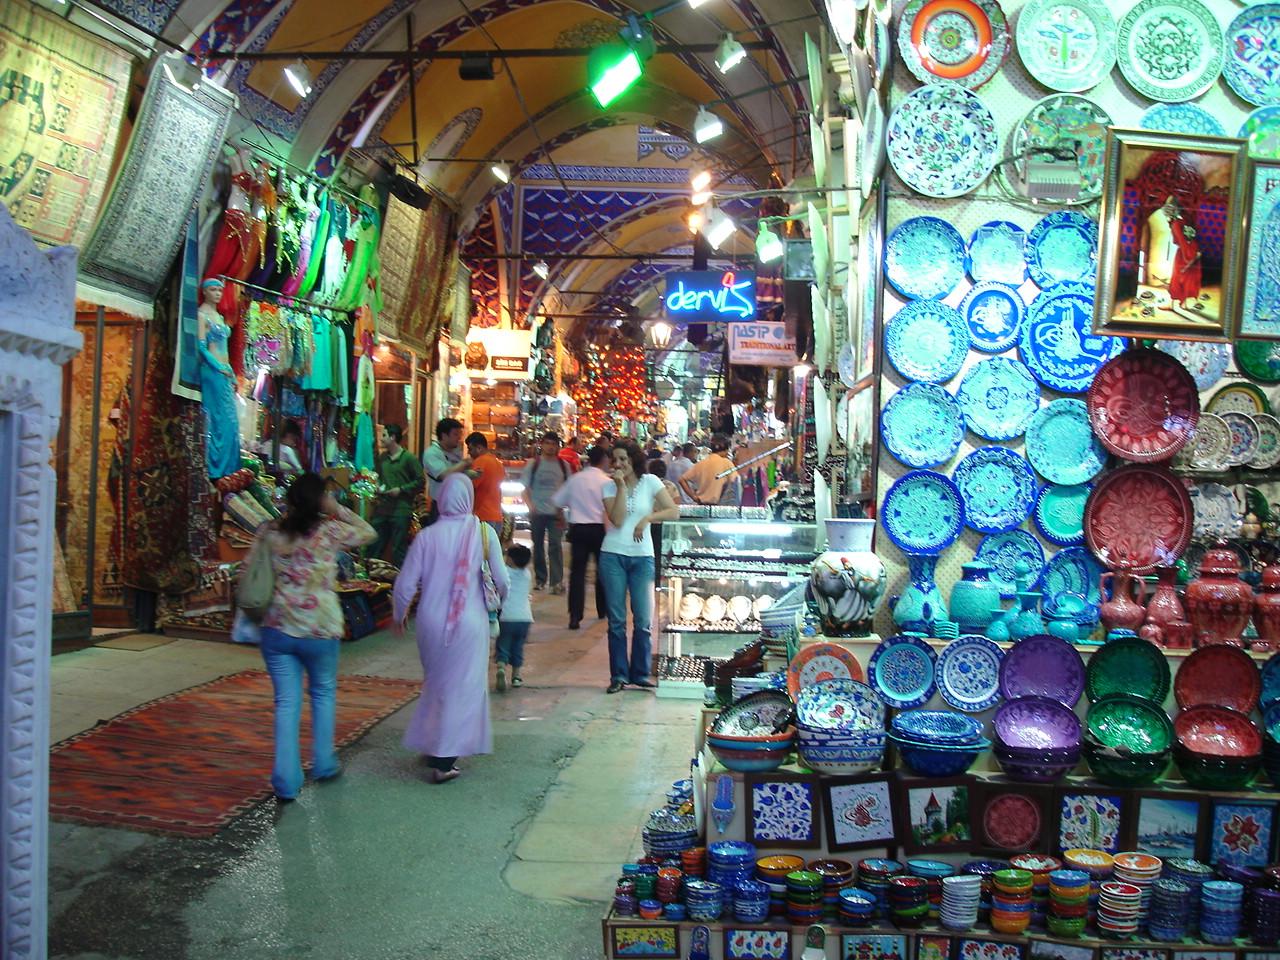 00457b30ef4b Гранд-Базар в Стамбуле  адрес, что купить, отзывы туристов